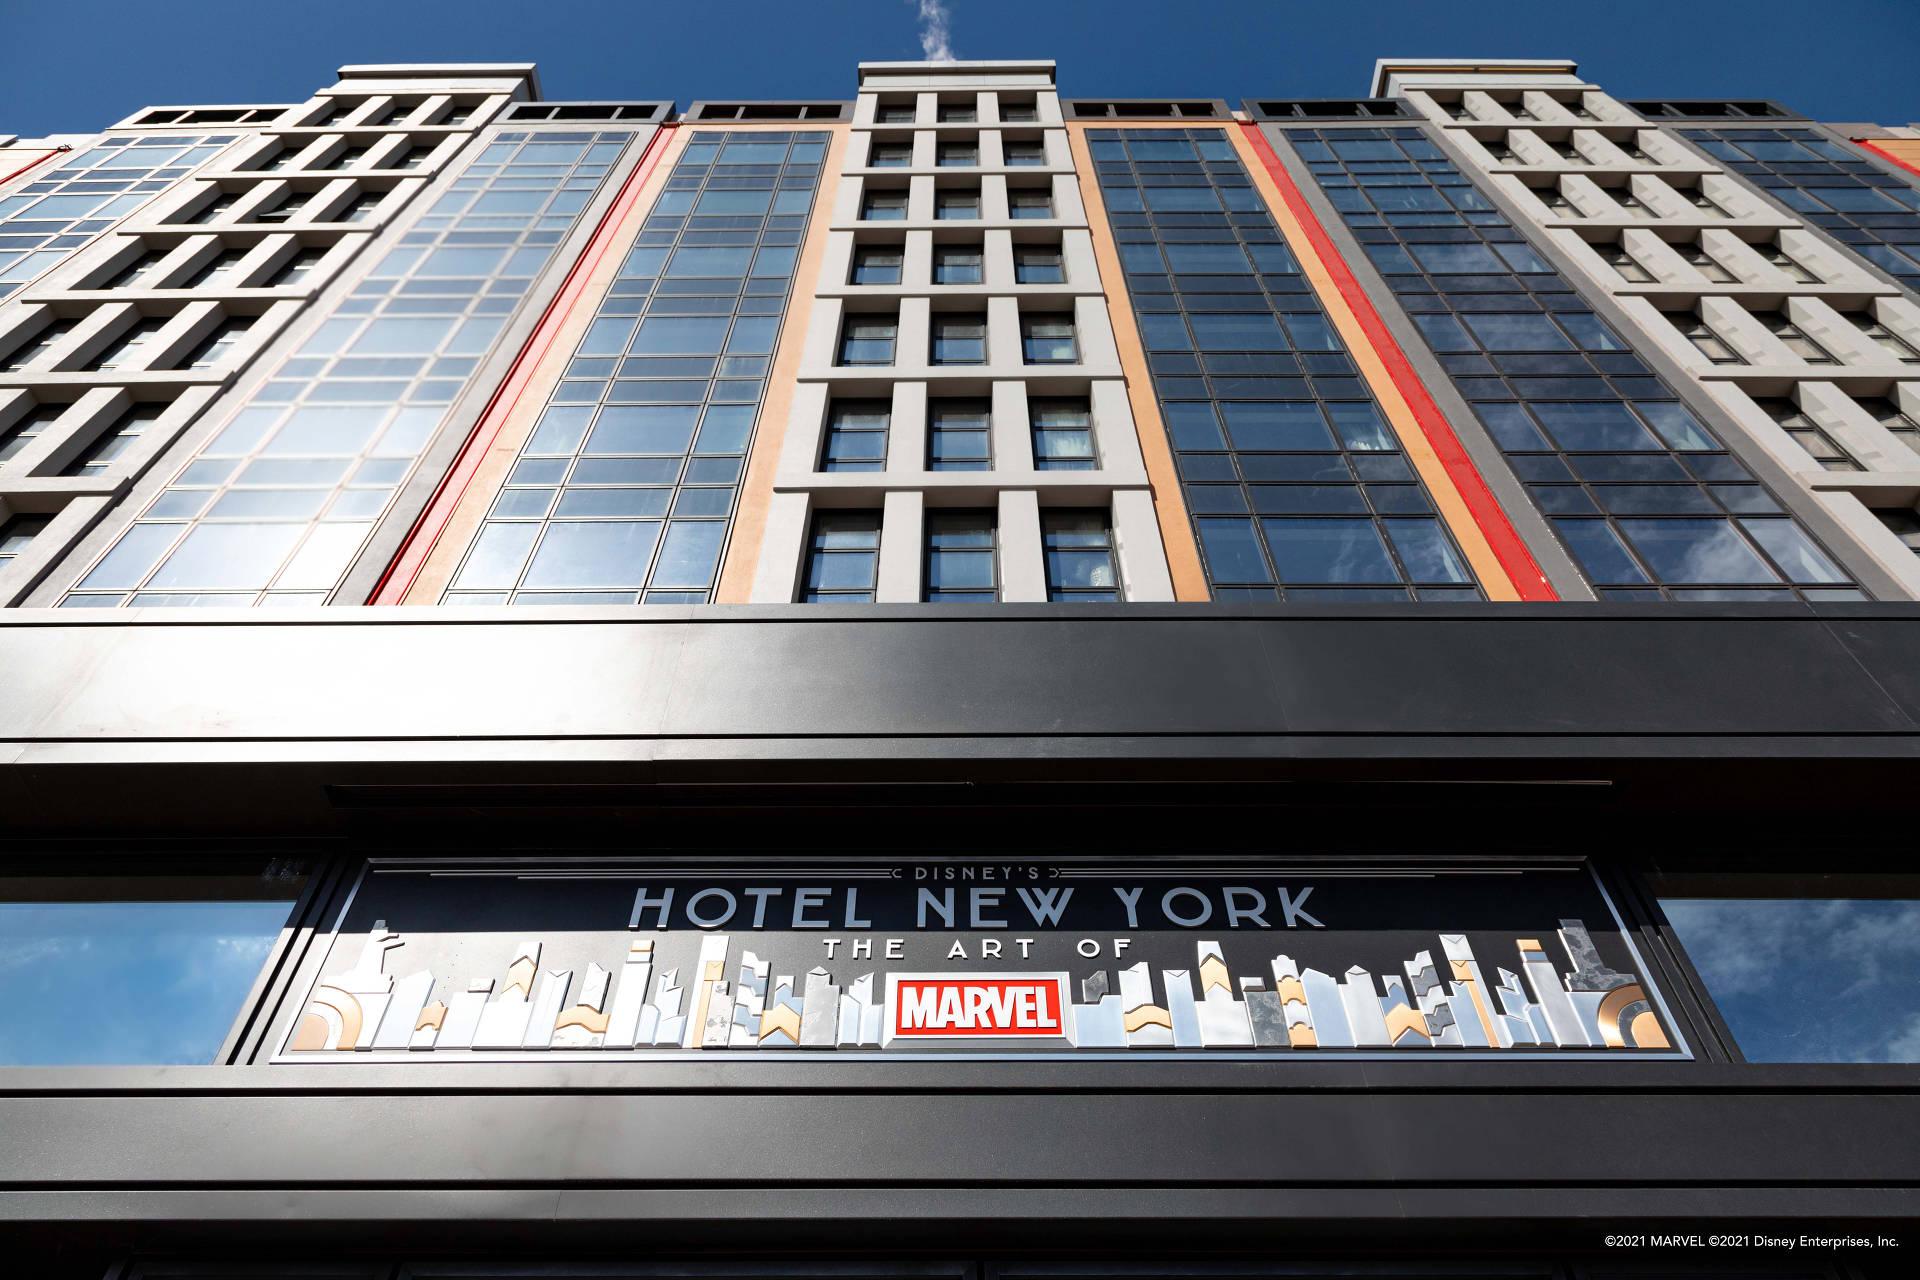 Es ist das weltweit erste Hotel, das sich der Arvel Kunst verschreibt